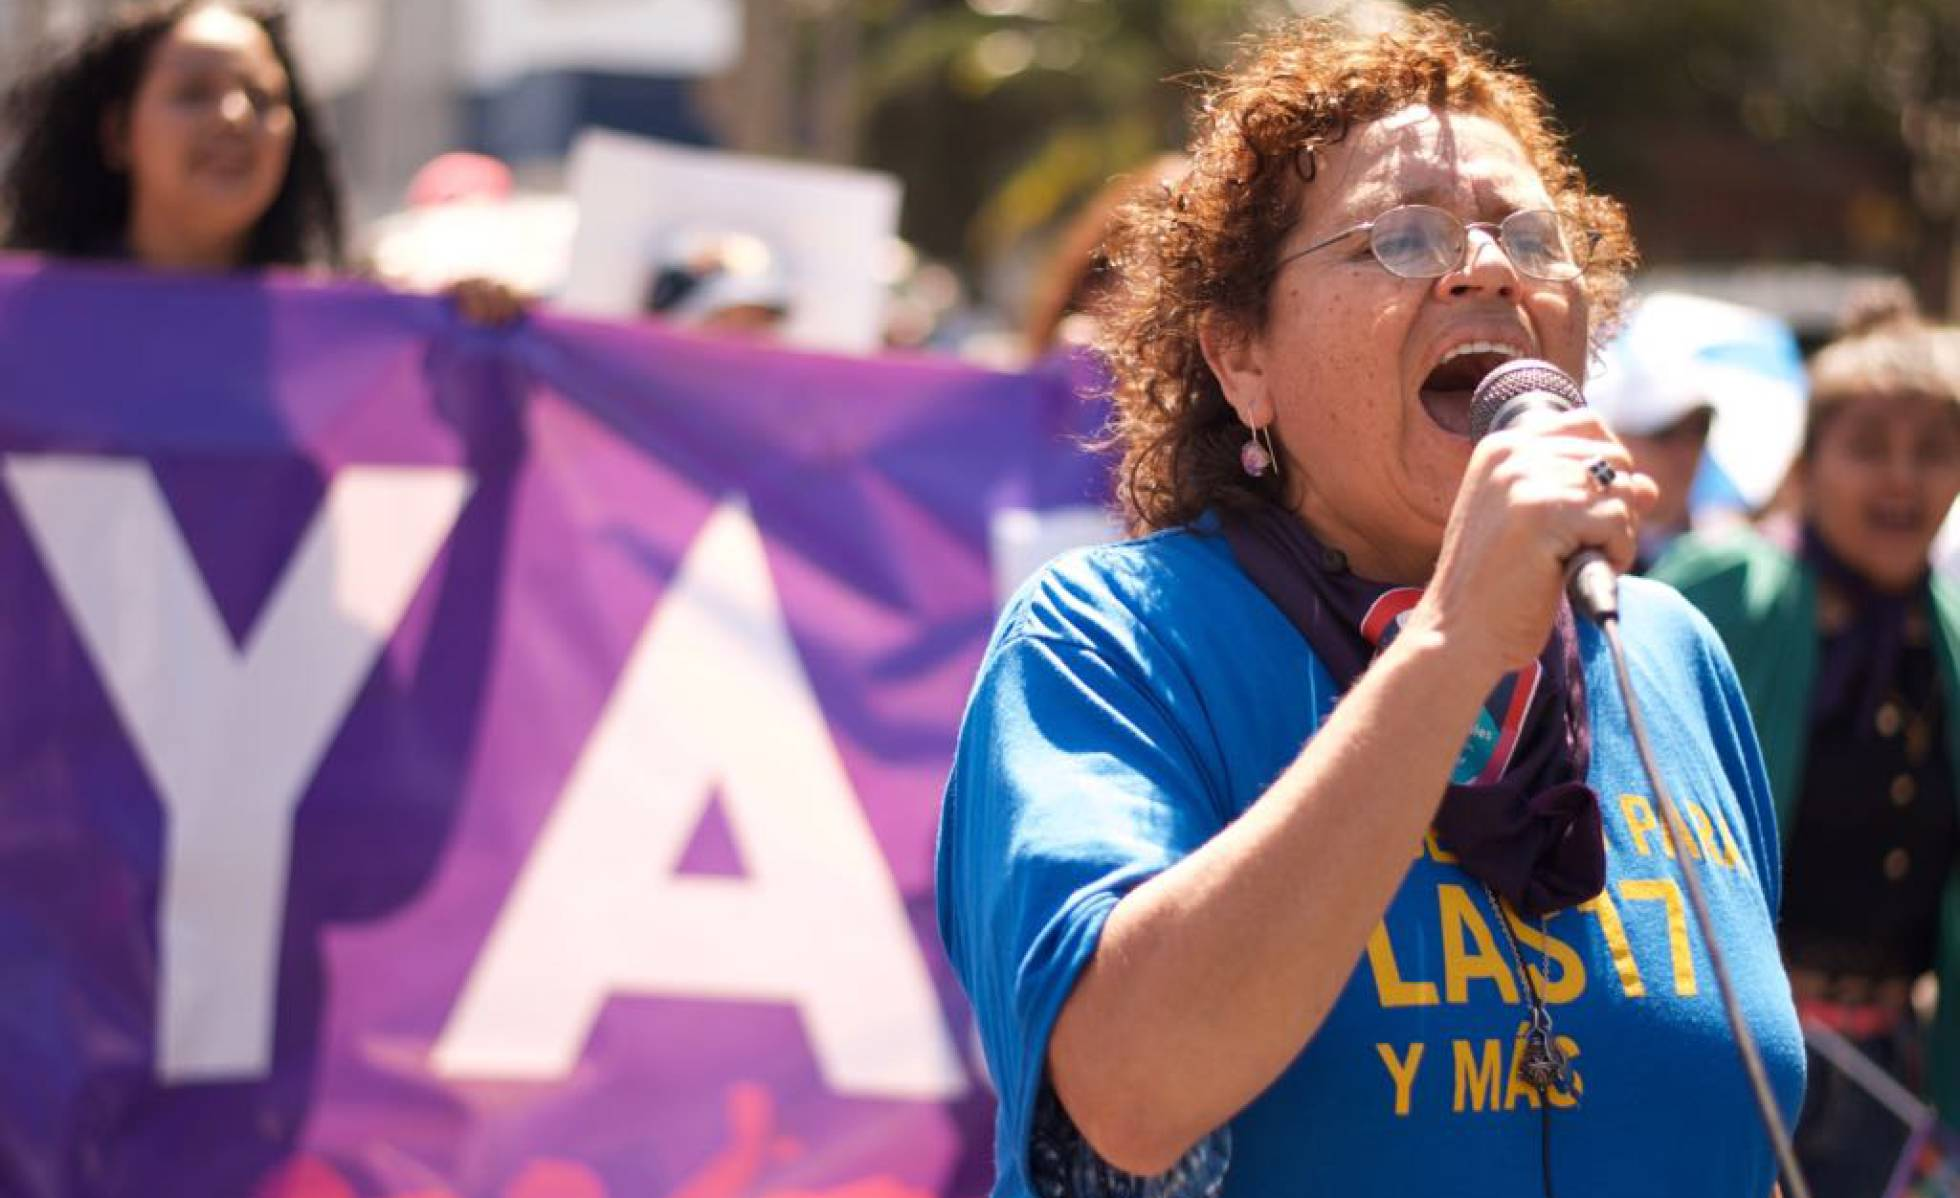 """MORENA HERRERA, FEMINISTA SALVADOREÑA Y EX GUERRILLERA DEL FMLN """"Creo que Bukele puede garantizar derechos a las mujeres, pero hay que estar vigilantes"""""""